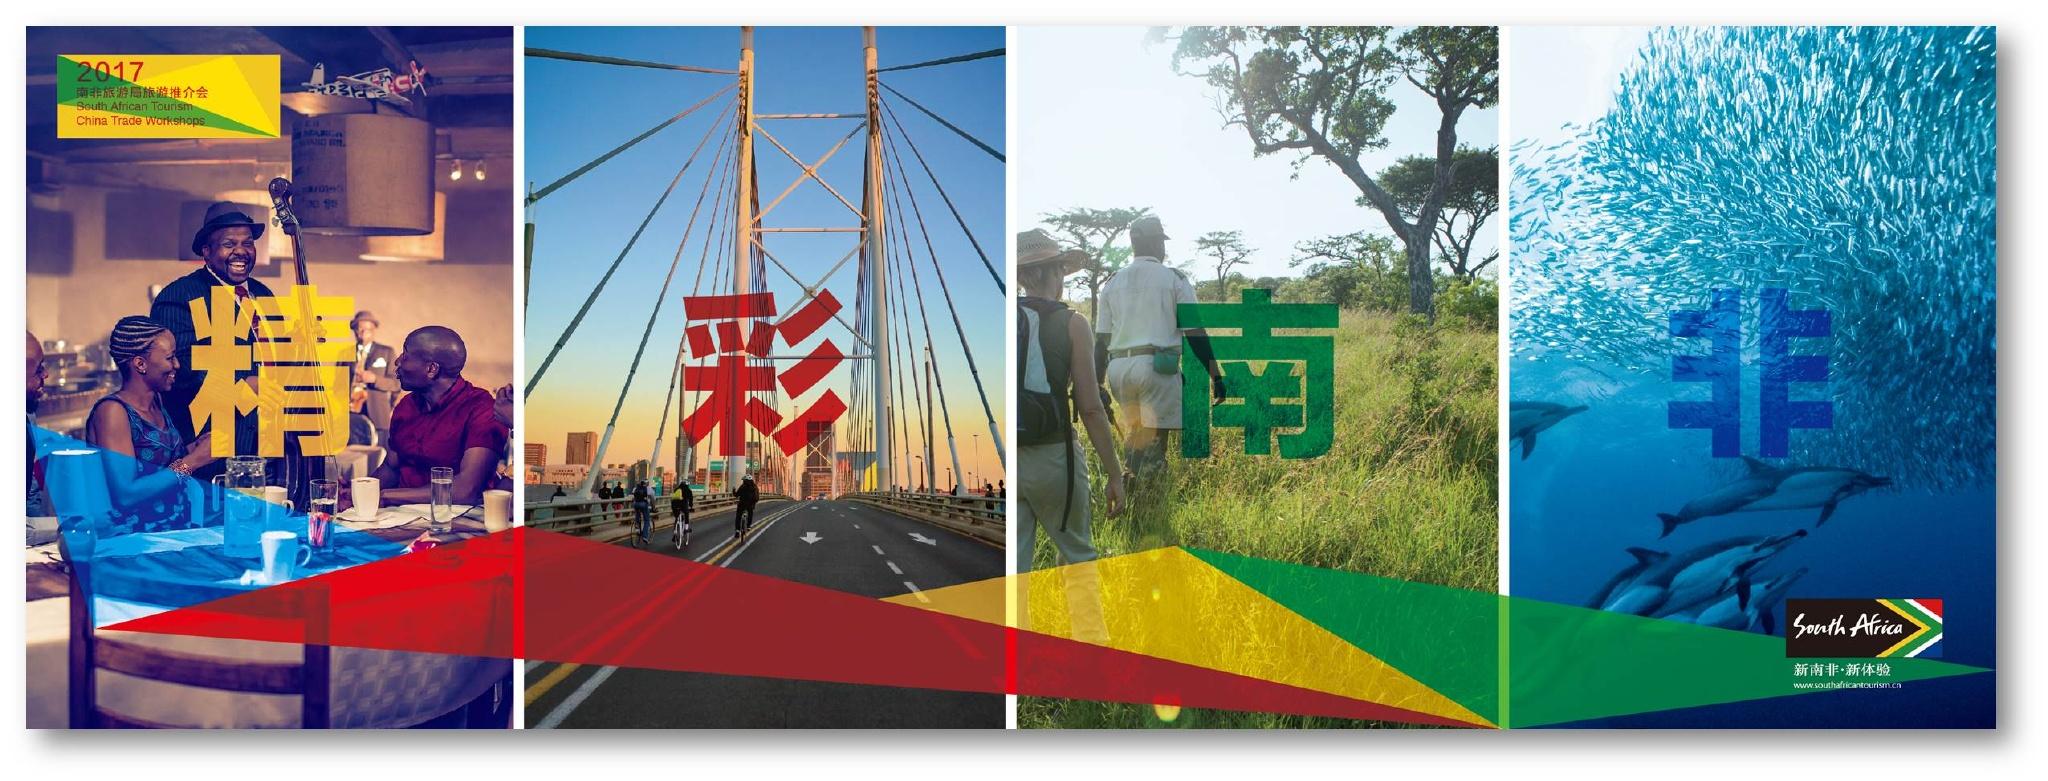 邀约|耀悦荣获南非旅游局最佳合作伙伴